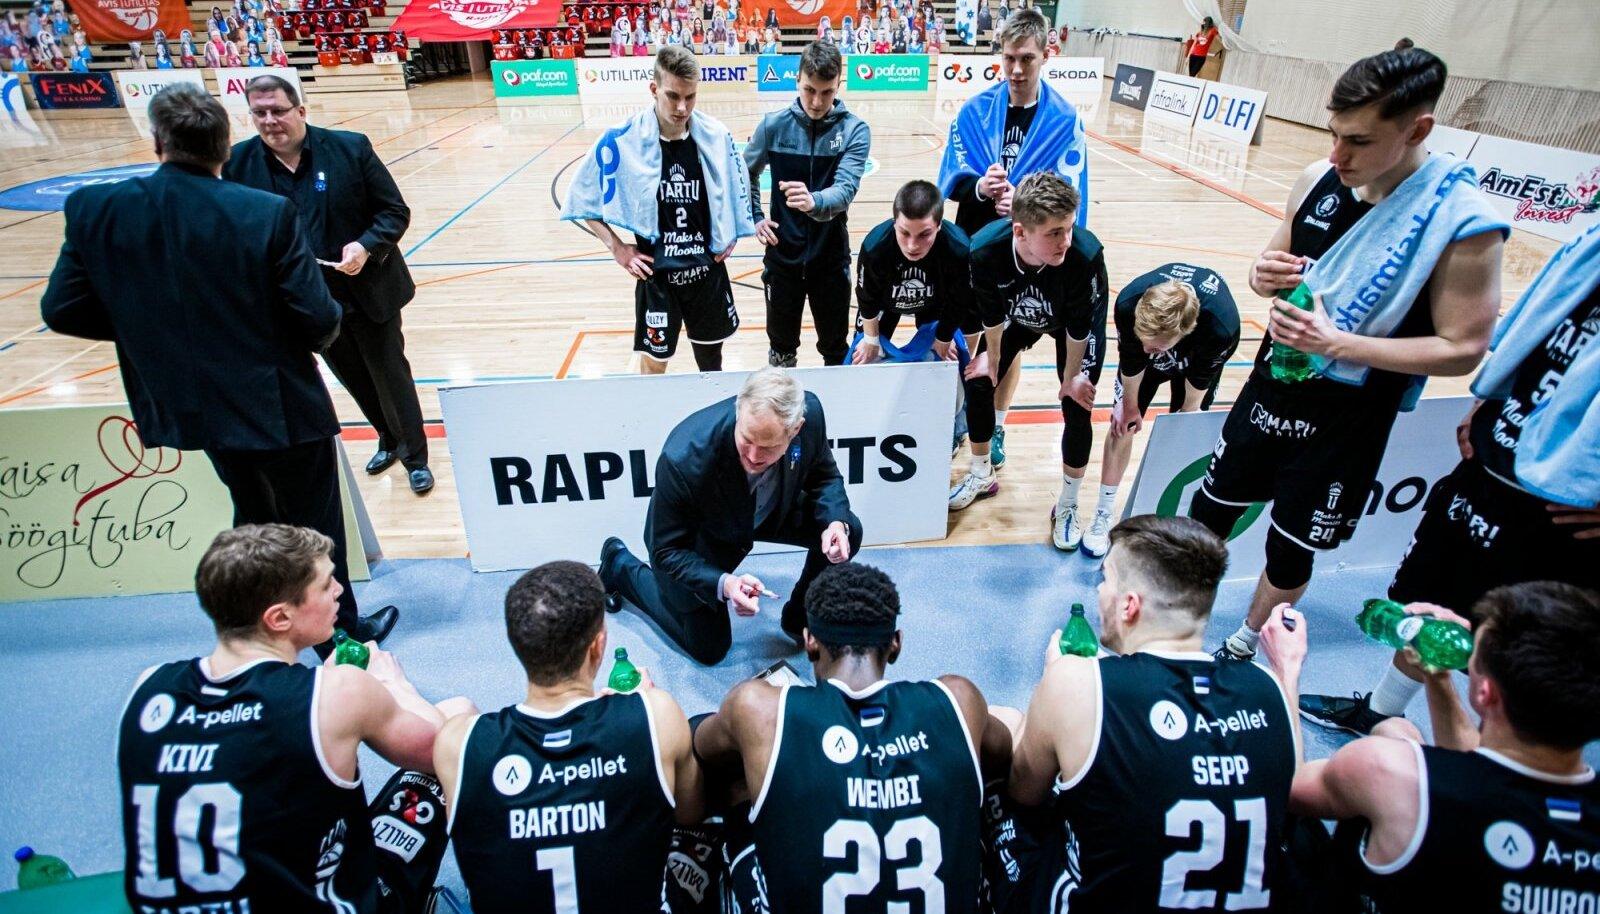 Tartu Ülikooli meeskond oli tänavu koduses meistriliigas ülekaalukalt noorima koosseisuga.